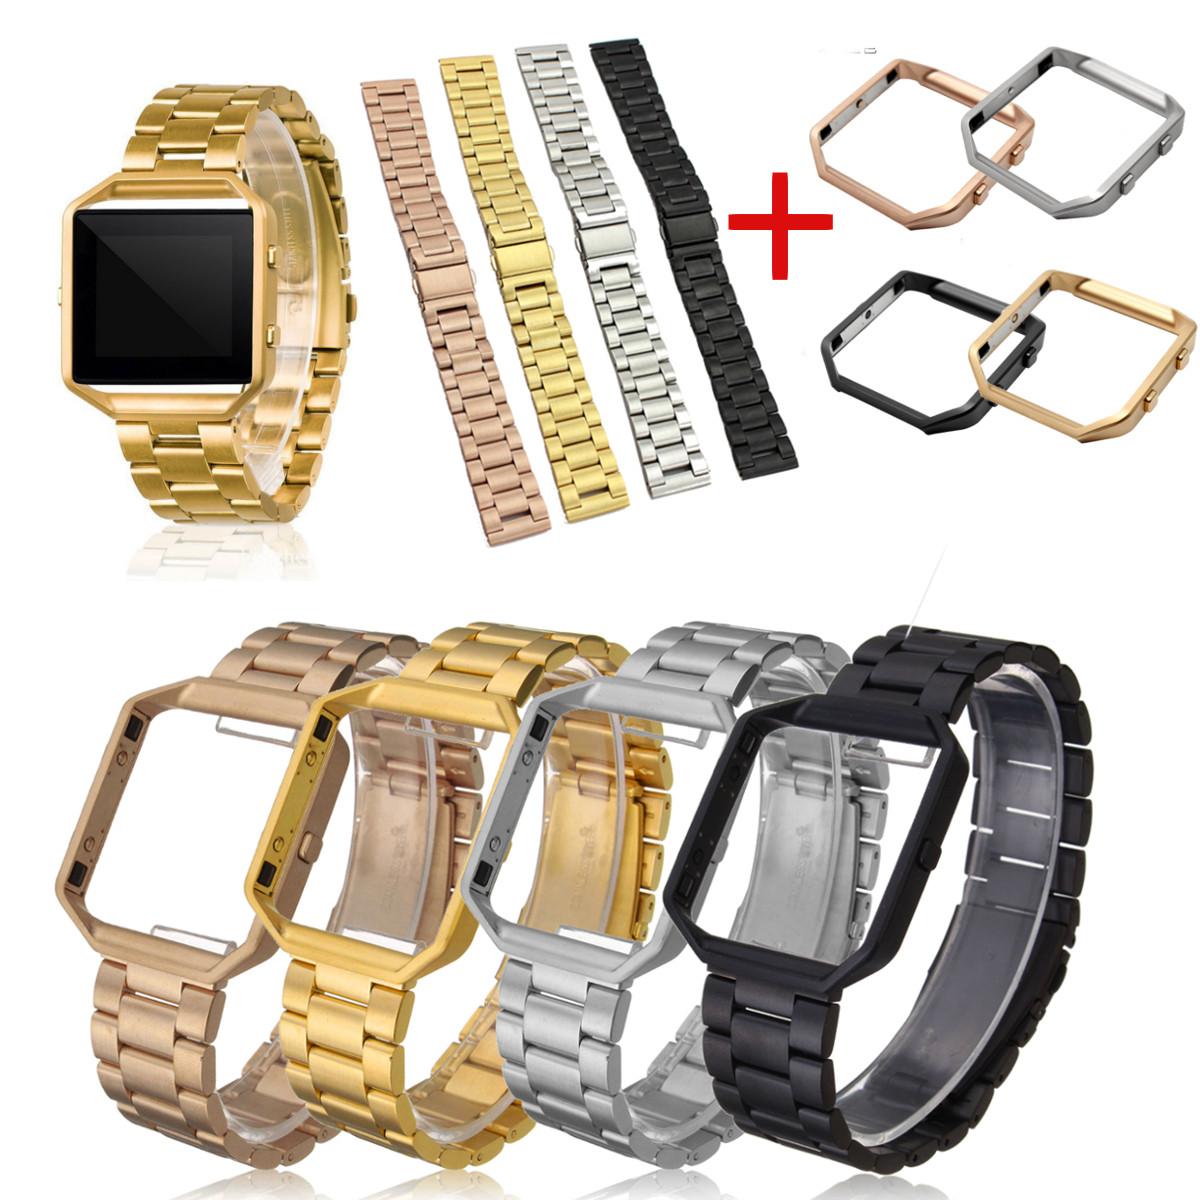 Remplacement-Acier-Inox-Bracelet-de-Montre-Intelligent-Pour-Fitbit-Blaze-Frame